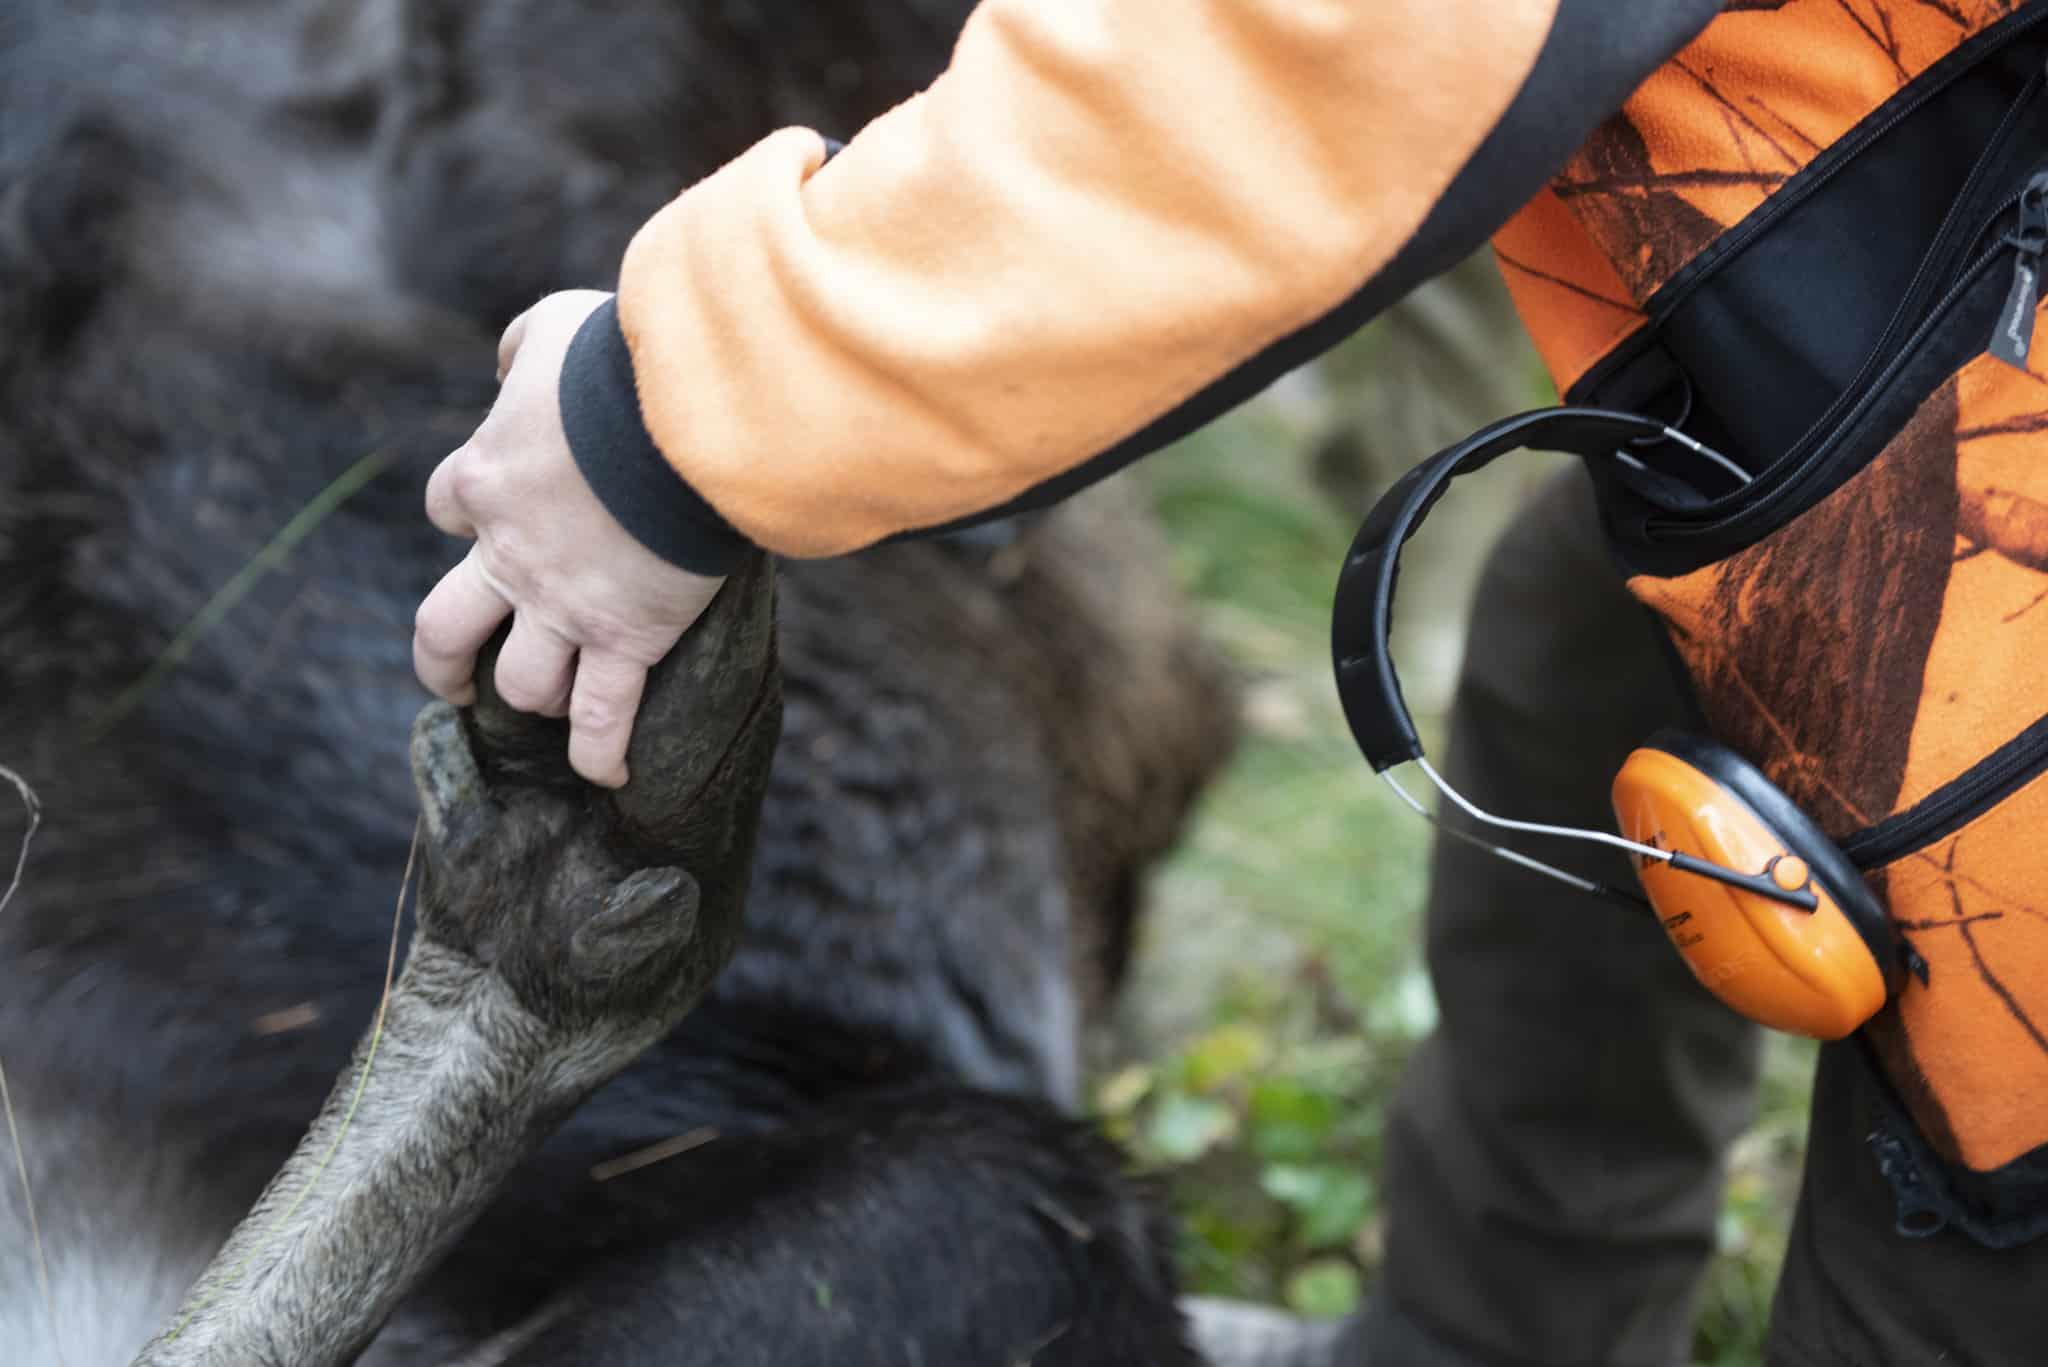 Skogsindustrierna, Sveaskog och Bergvik Skog föreslår utökad jakt på älg i hela landet i sitt förslag till Naturvårdsverket.